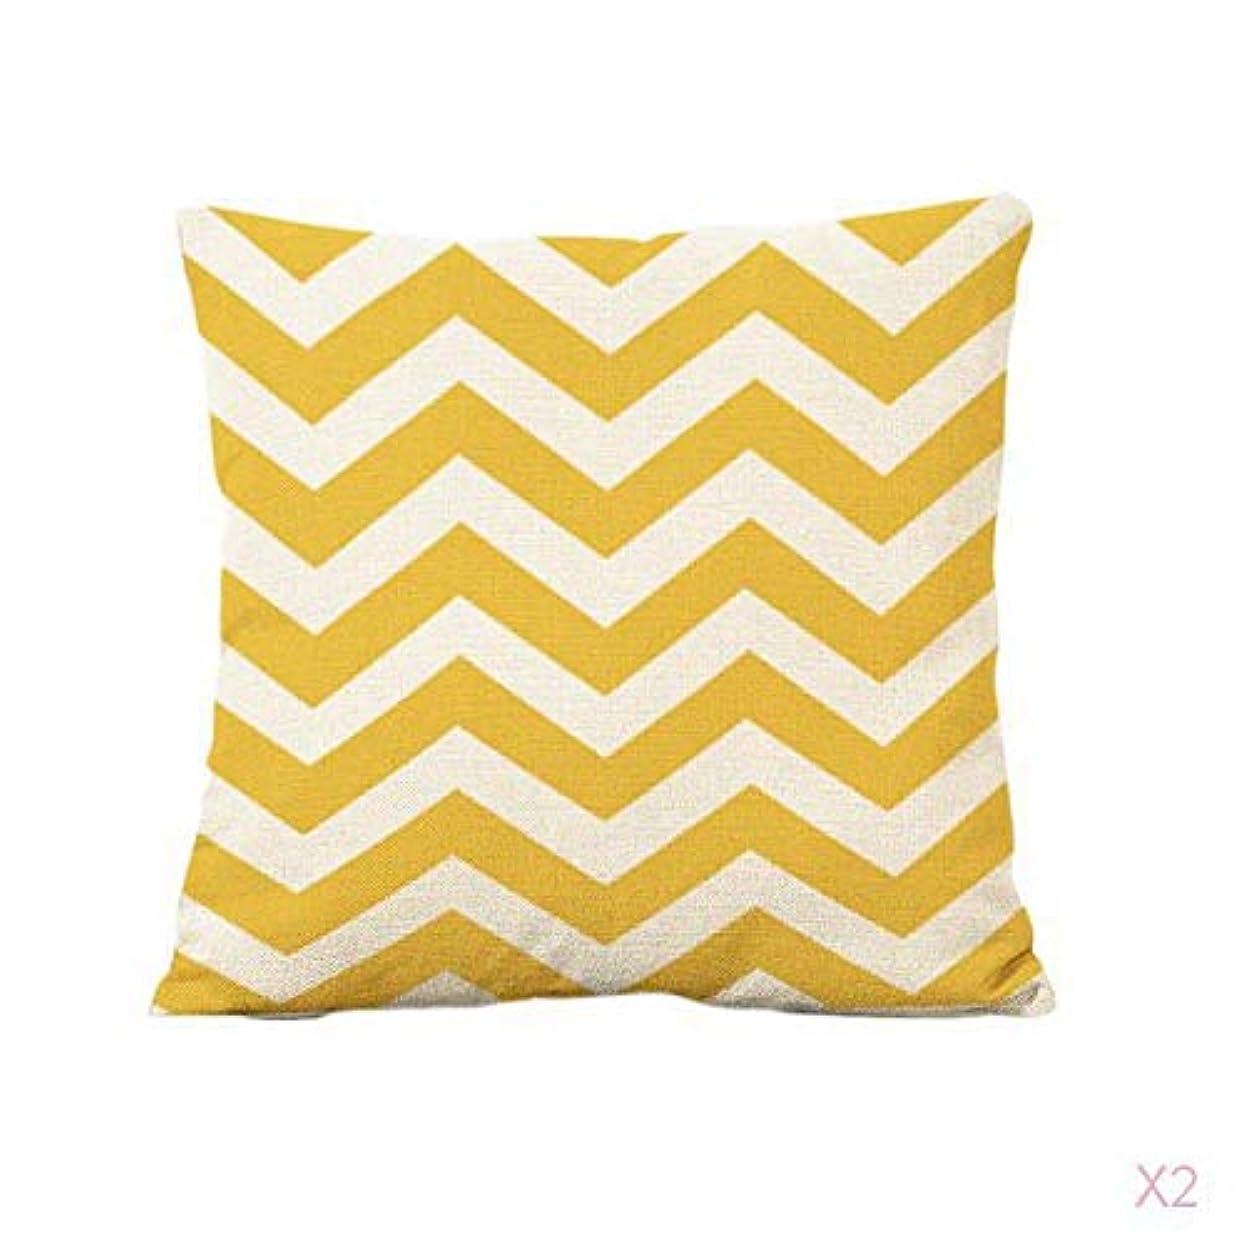 である勘違いする波黄色のホームオフィスのソファの装飾波ストライプリネン枕カバークッションカバー